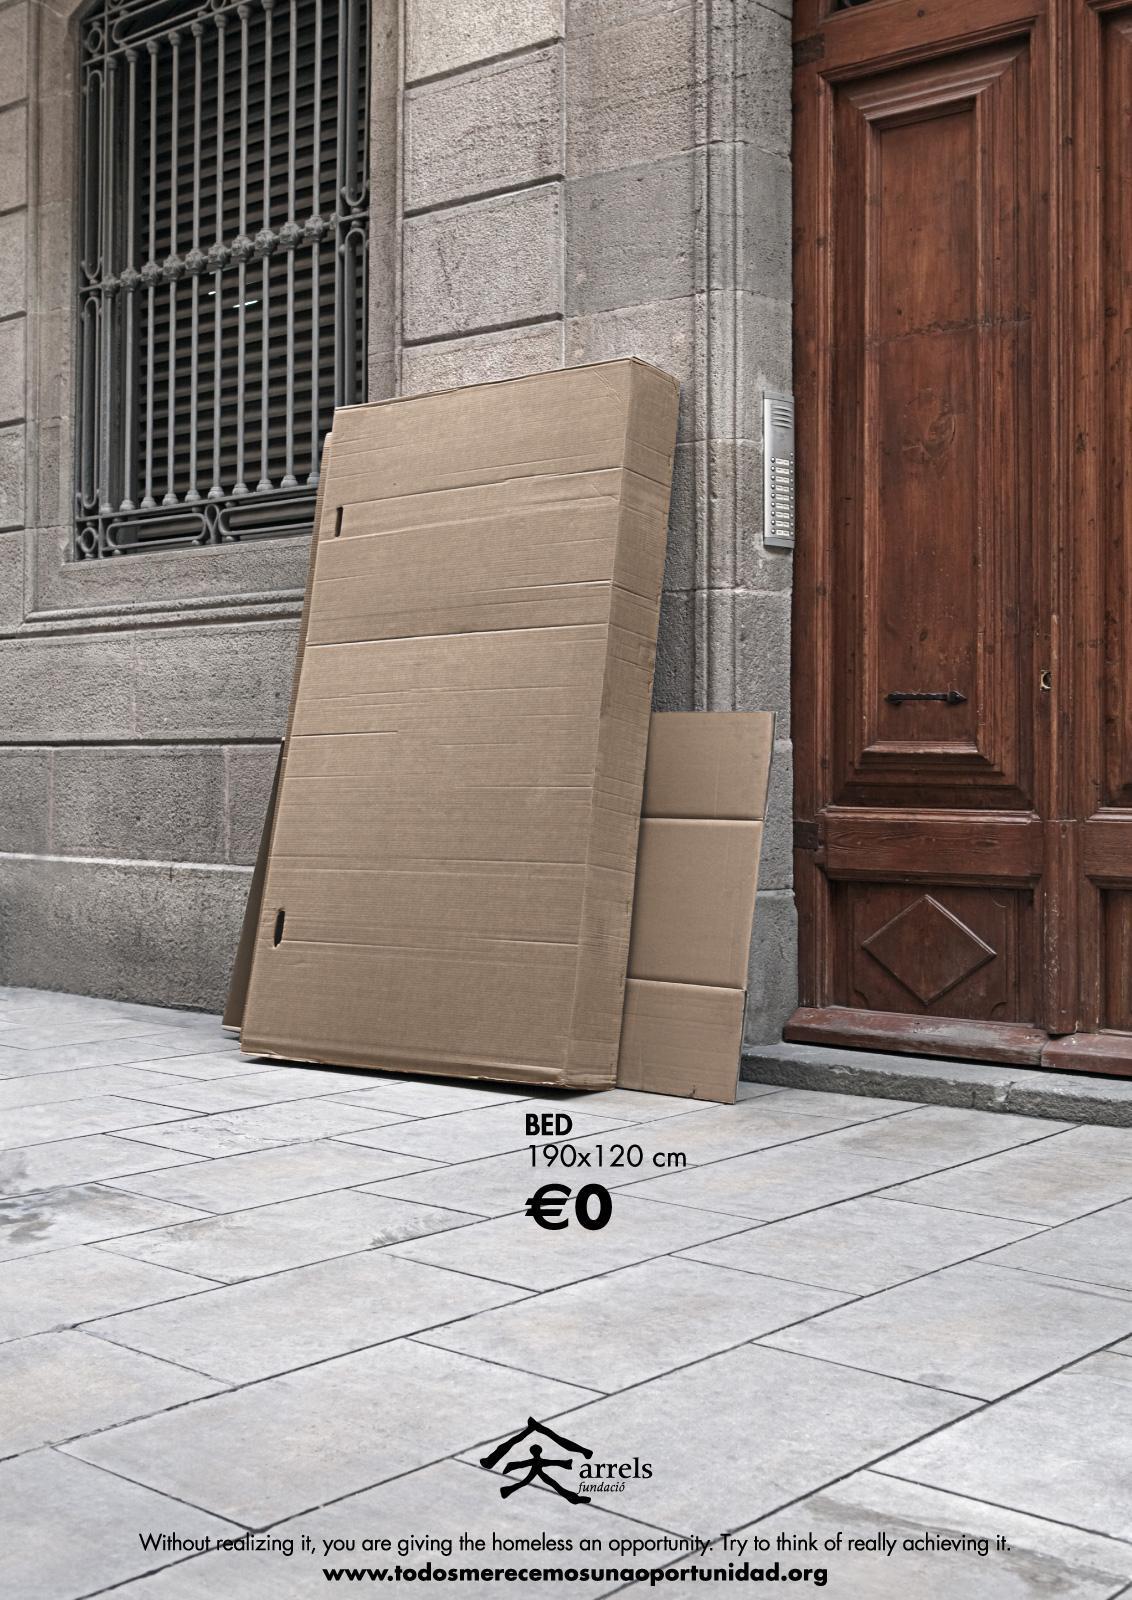 Arrels Foundation Print Ad -  Bed